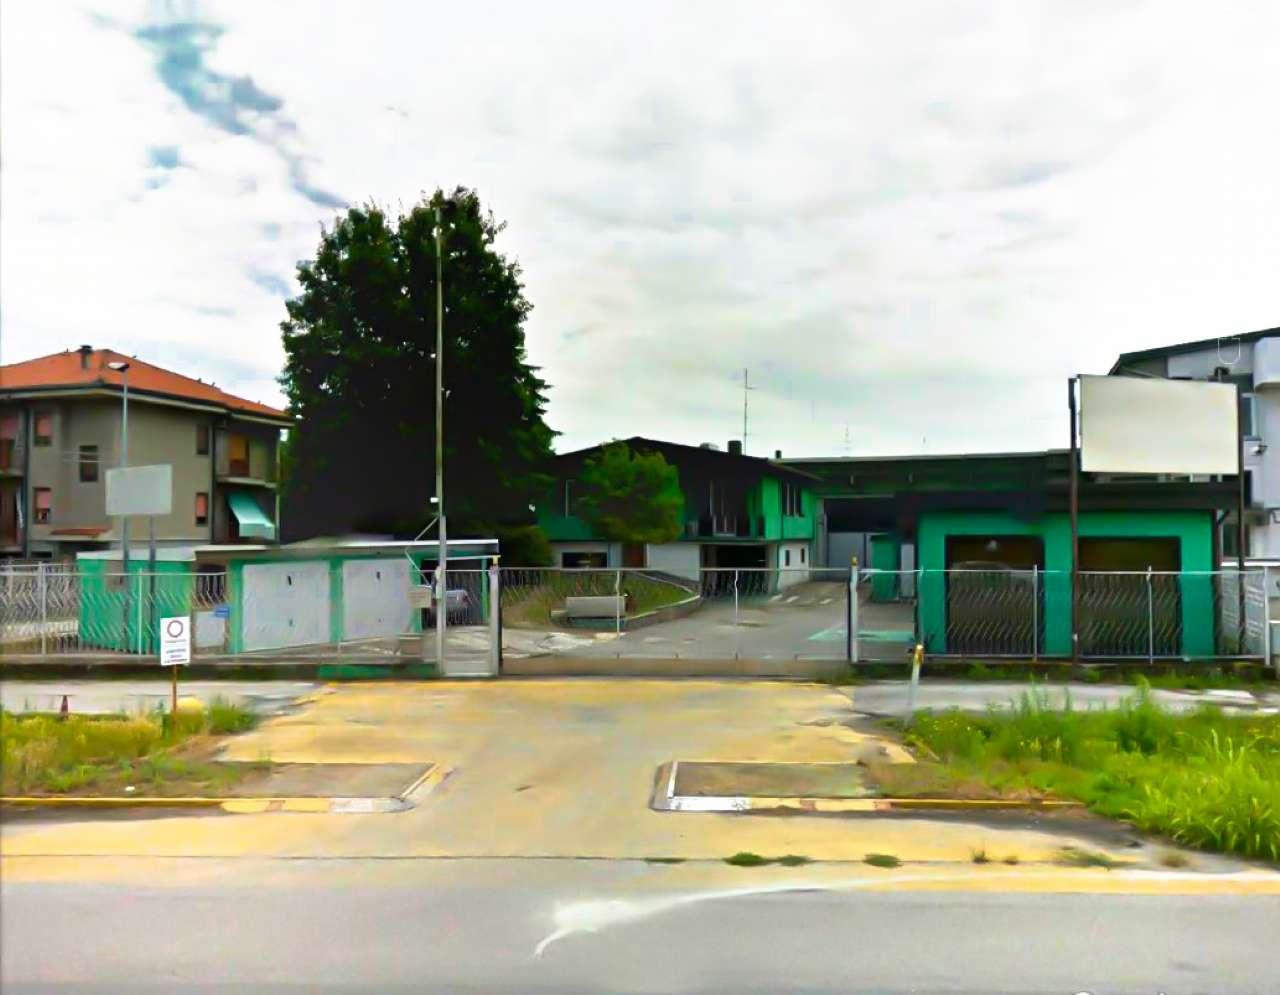 Capannone in vendita a Trecate, 1 locali, prezzo € 350.000 | CambioCasa.it